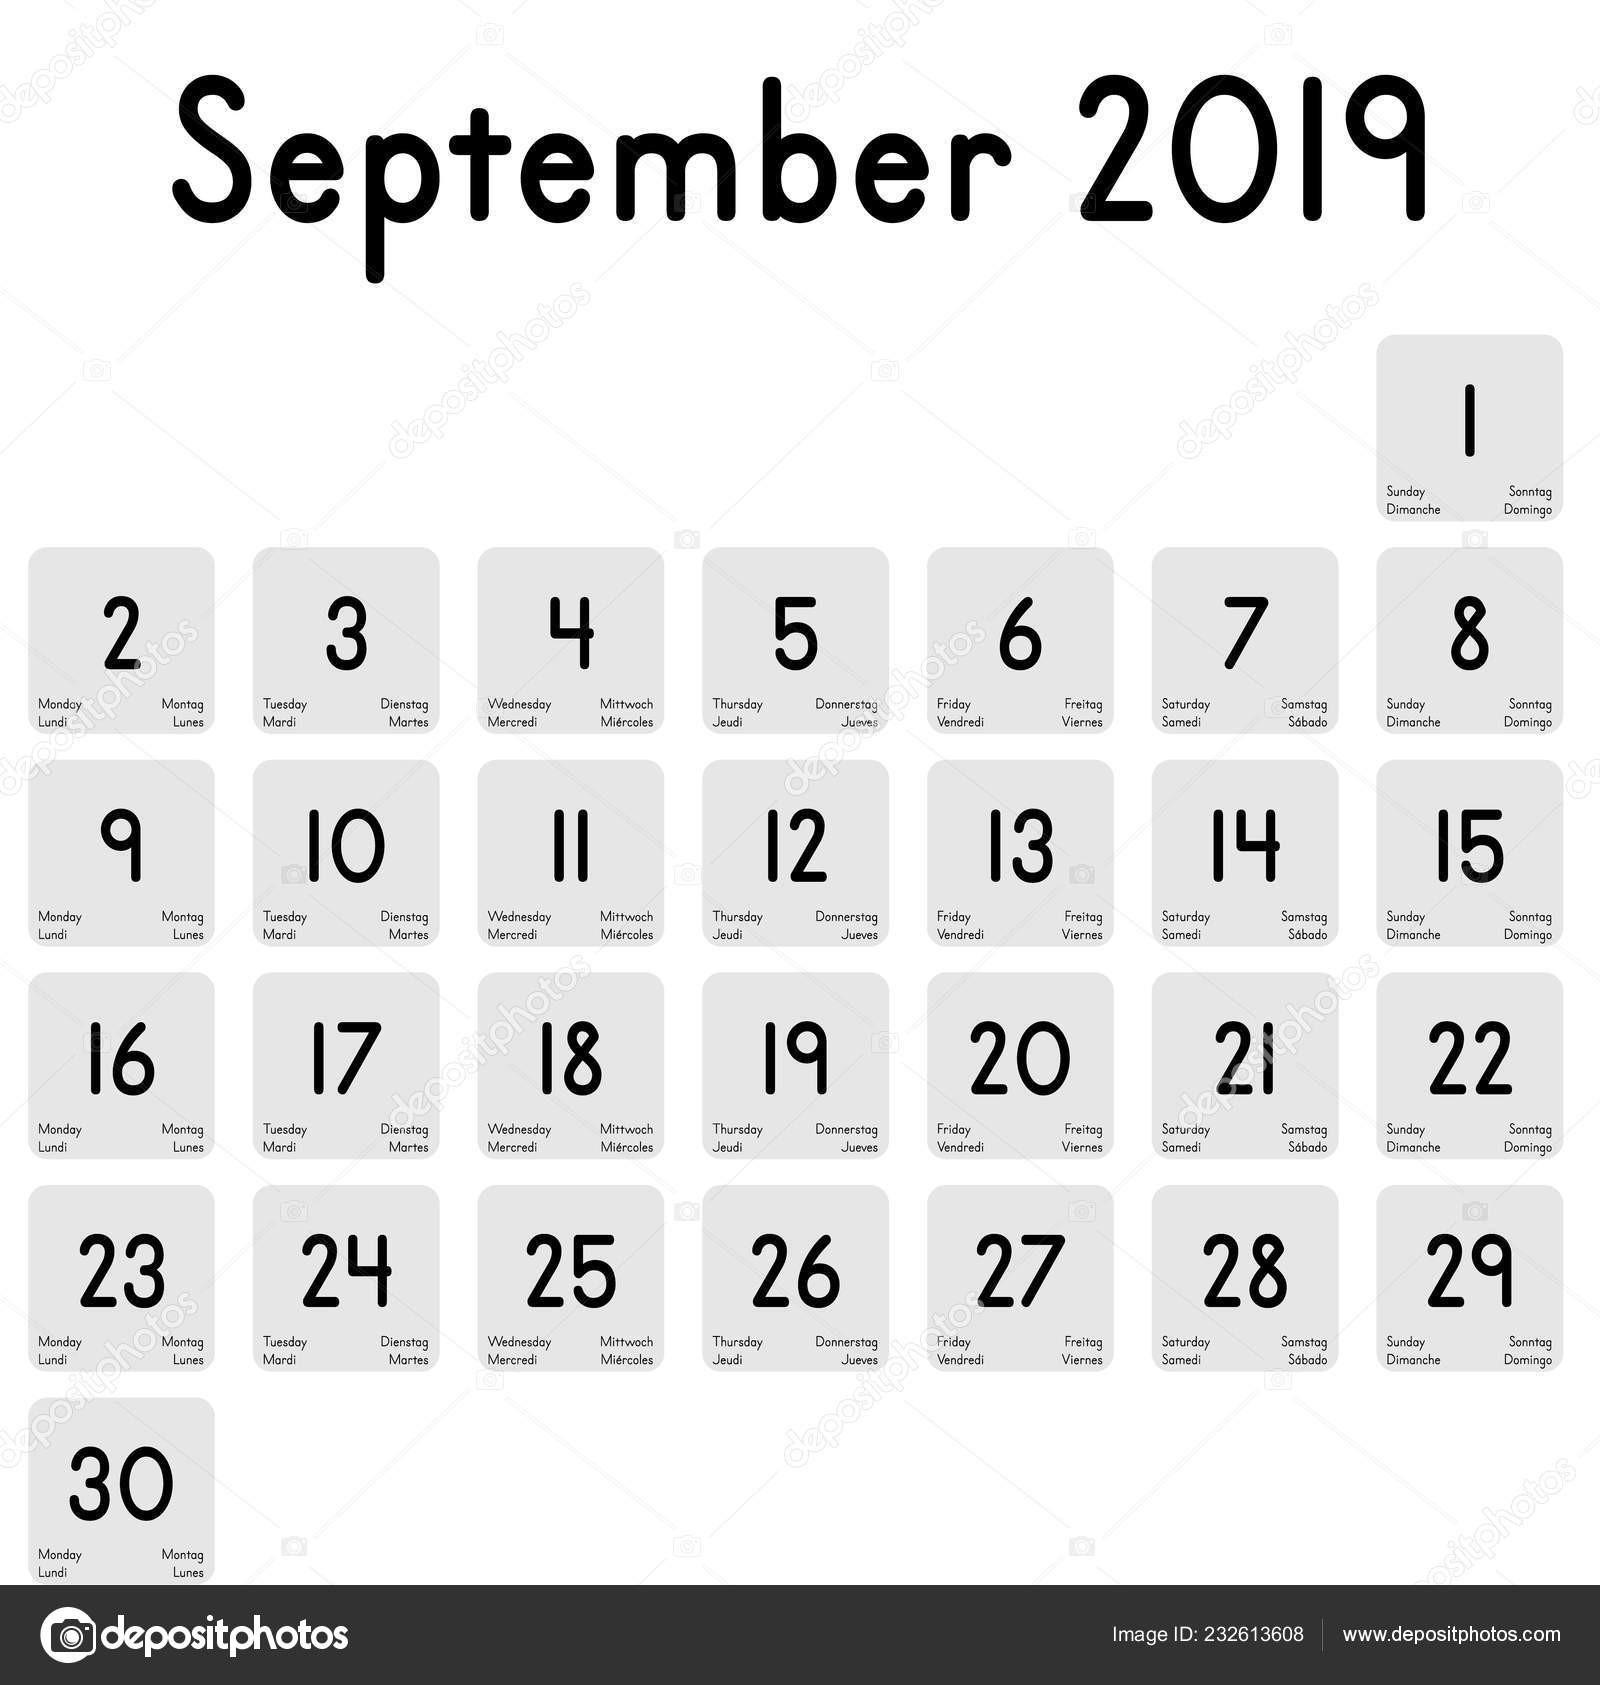 Calendario Imprimir Setembro 2017 Más Actual Calendario Mes De Septiembre Of Calendario Imprimir Setembro 2017 Más Reciente Clipping Impresso Agosto De 2016 Uergs Universidade